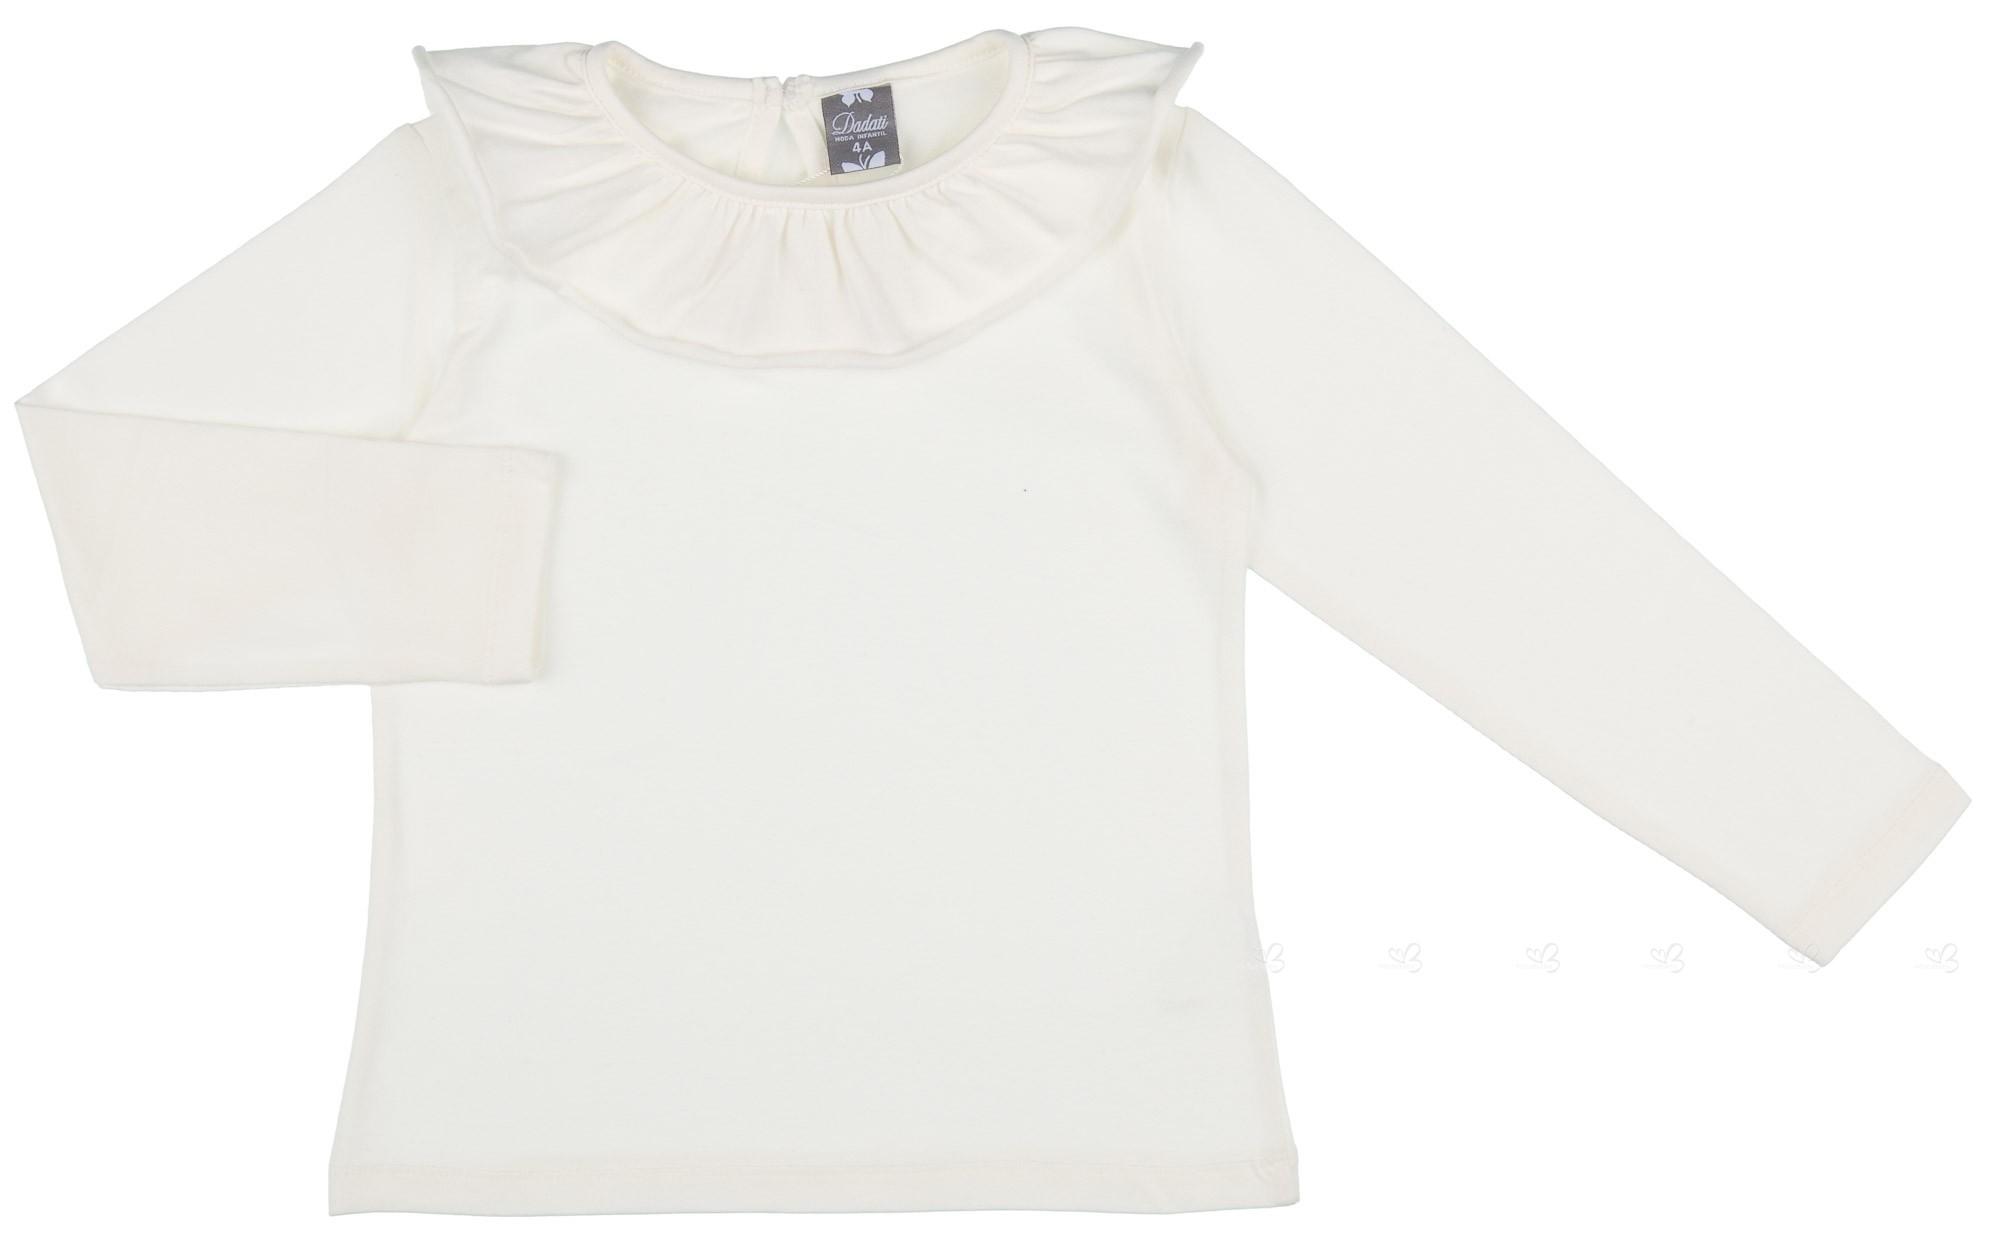 40774fa87 Dadati Camiseta Niña Cuello Volante Algodón Blanco Roto ...